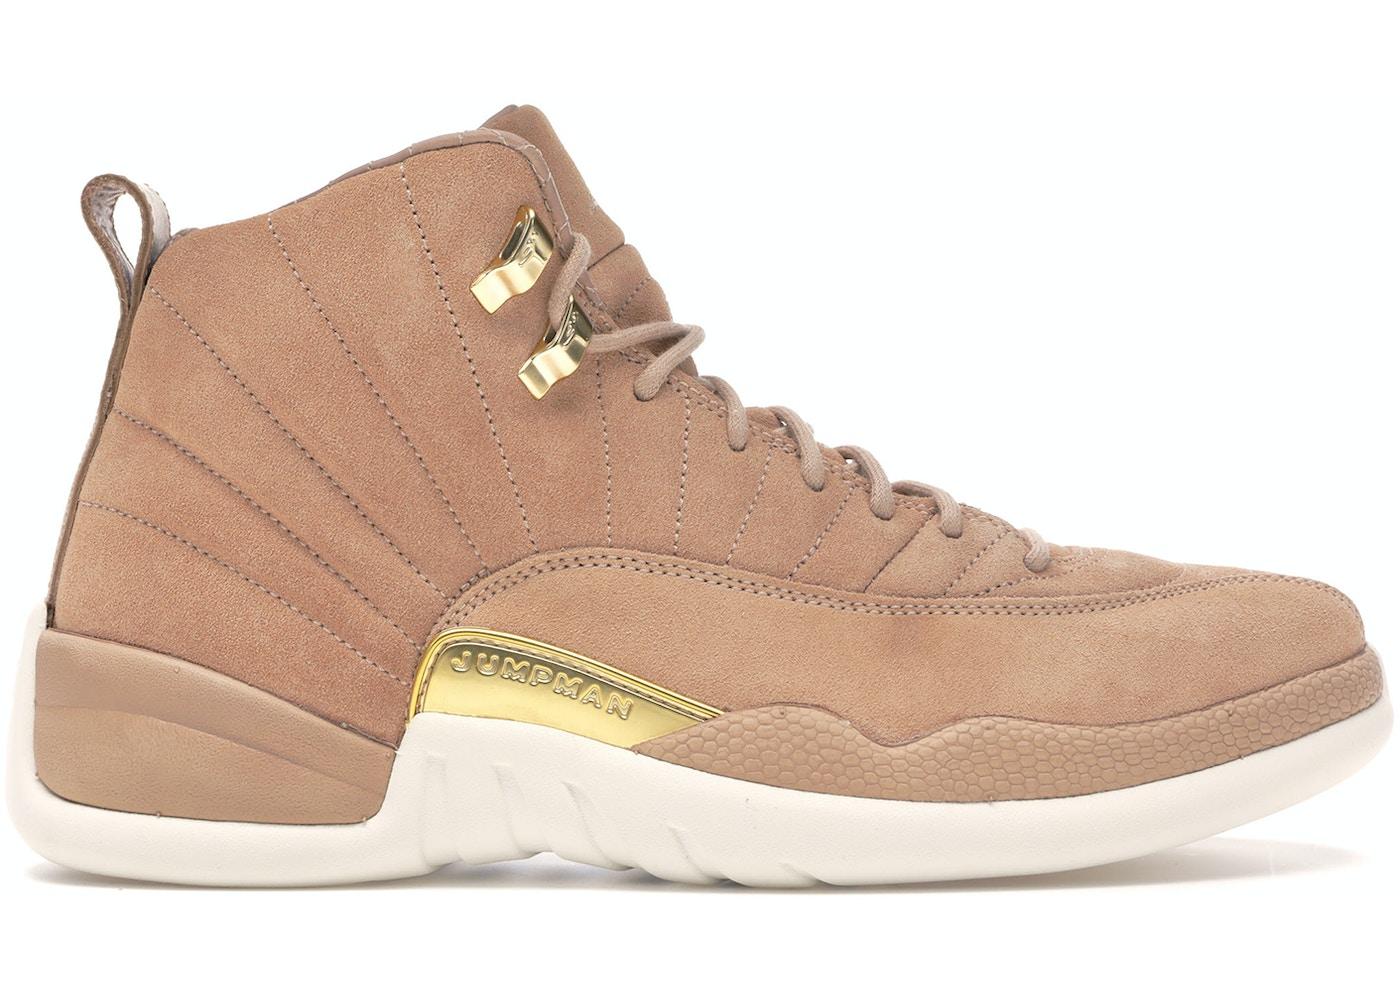 6997598a5eee07 Buy Air Jordan 12 Shoes   Deadstock Sneakers